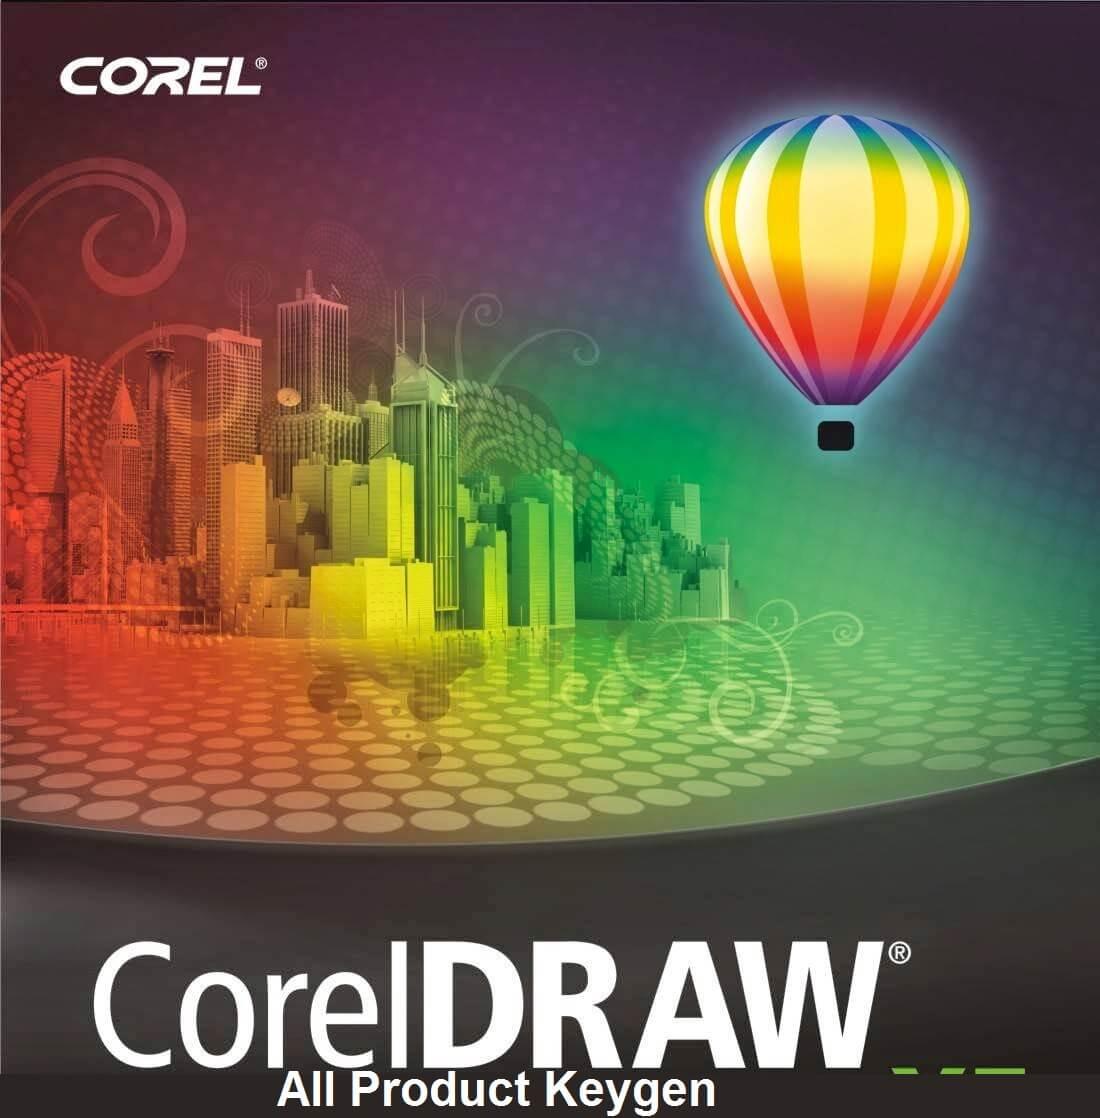 corel products keygen